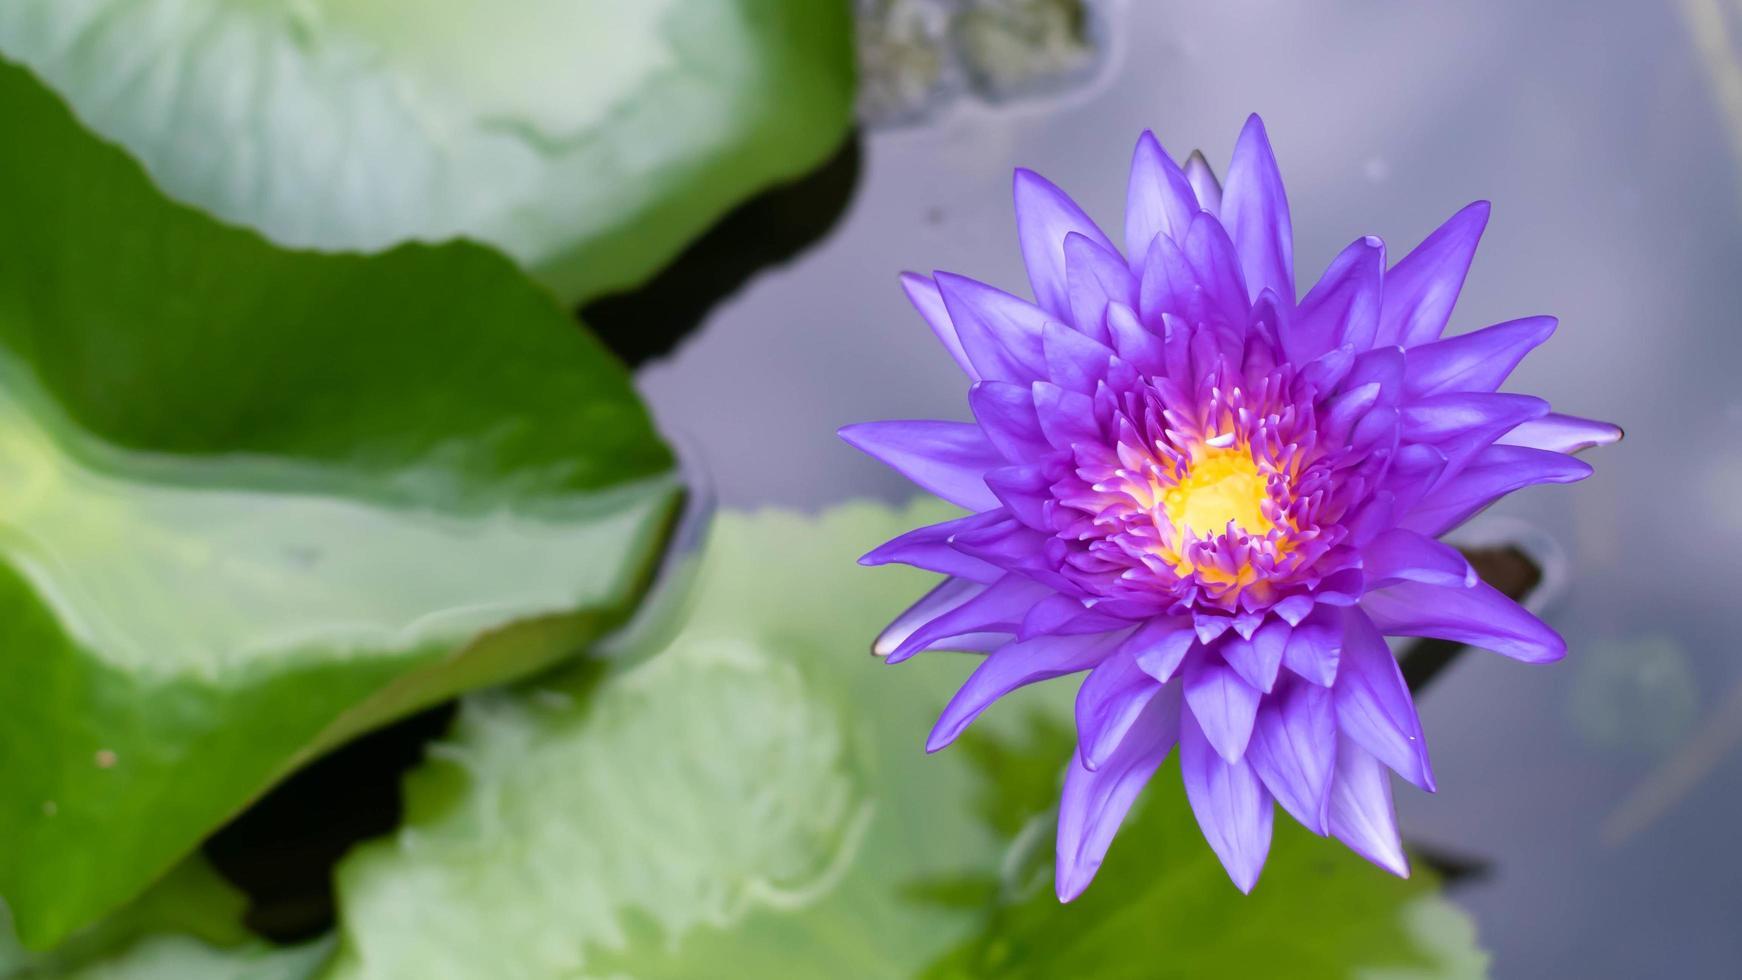 lotus violet qui fleurit dans l'étang. fleurs de lotus violet vif dans l'étang. photo